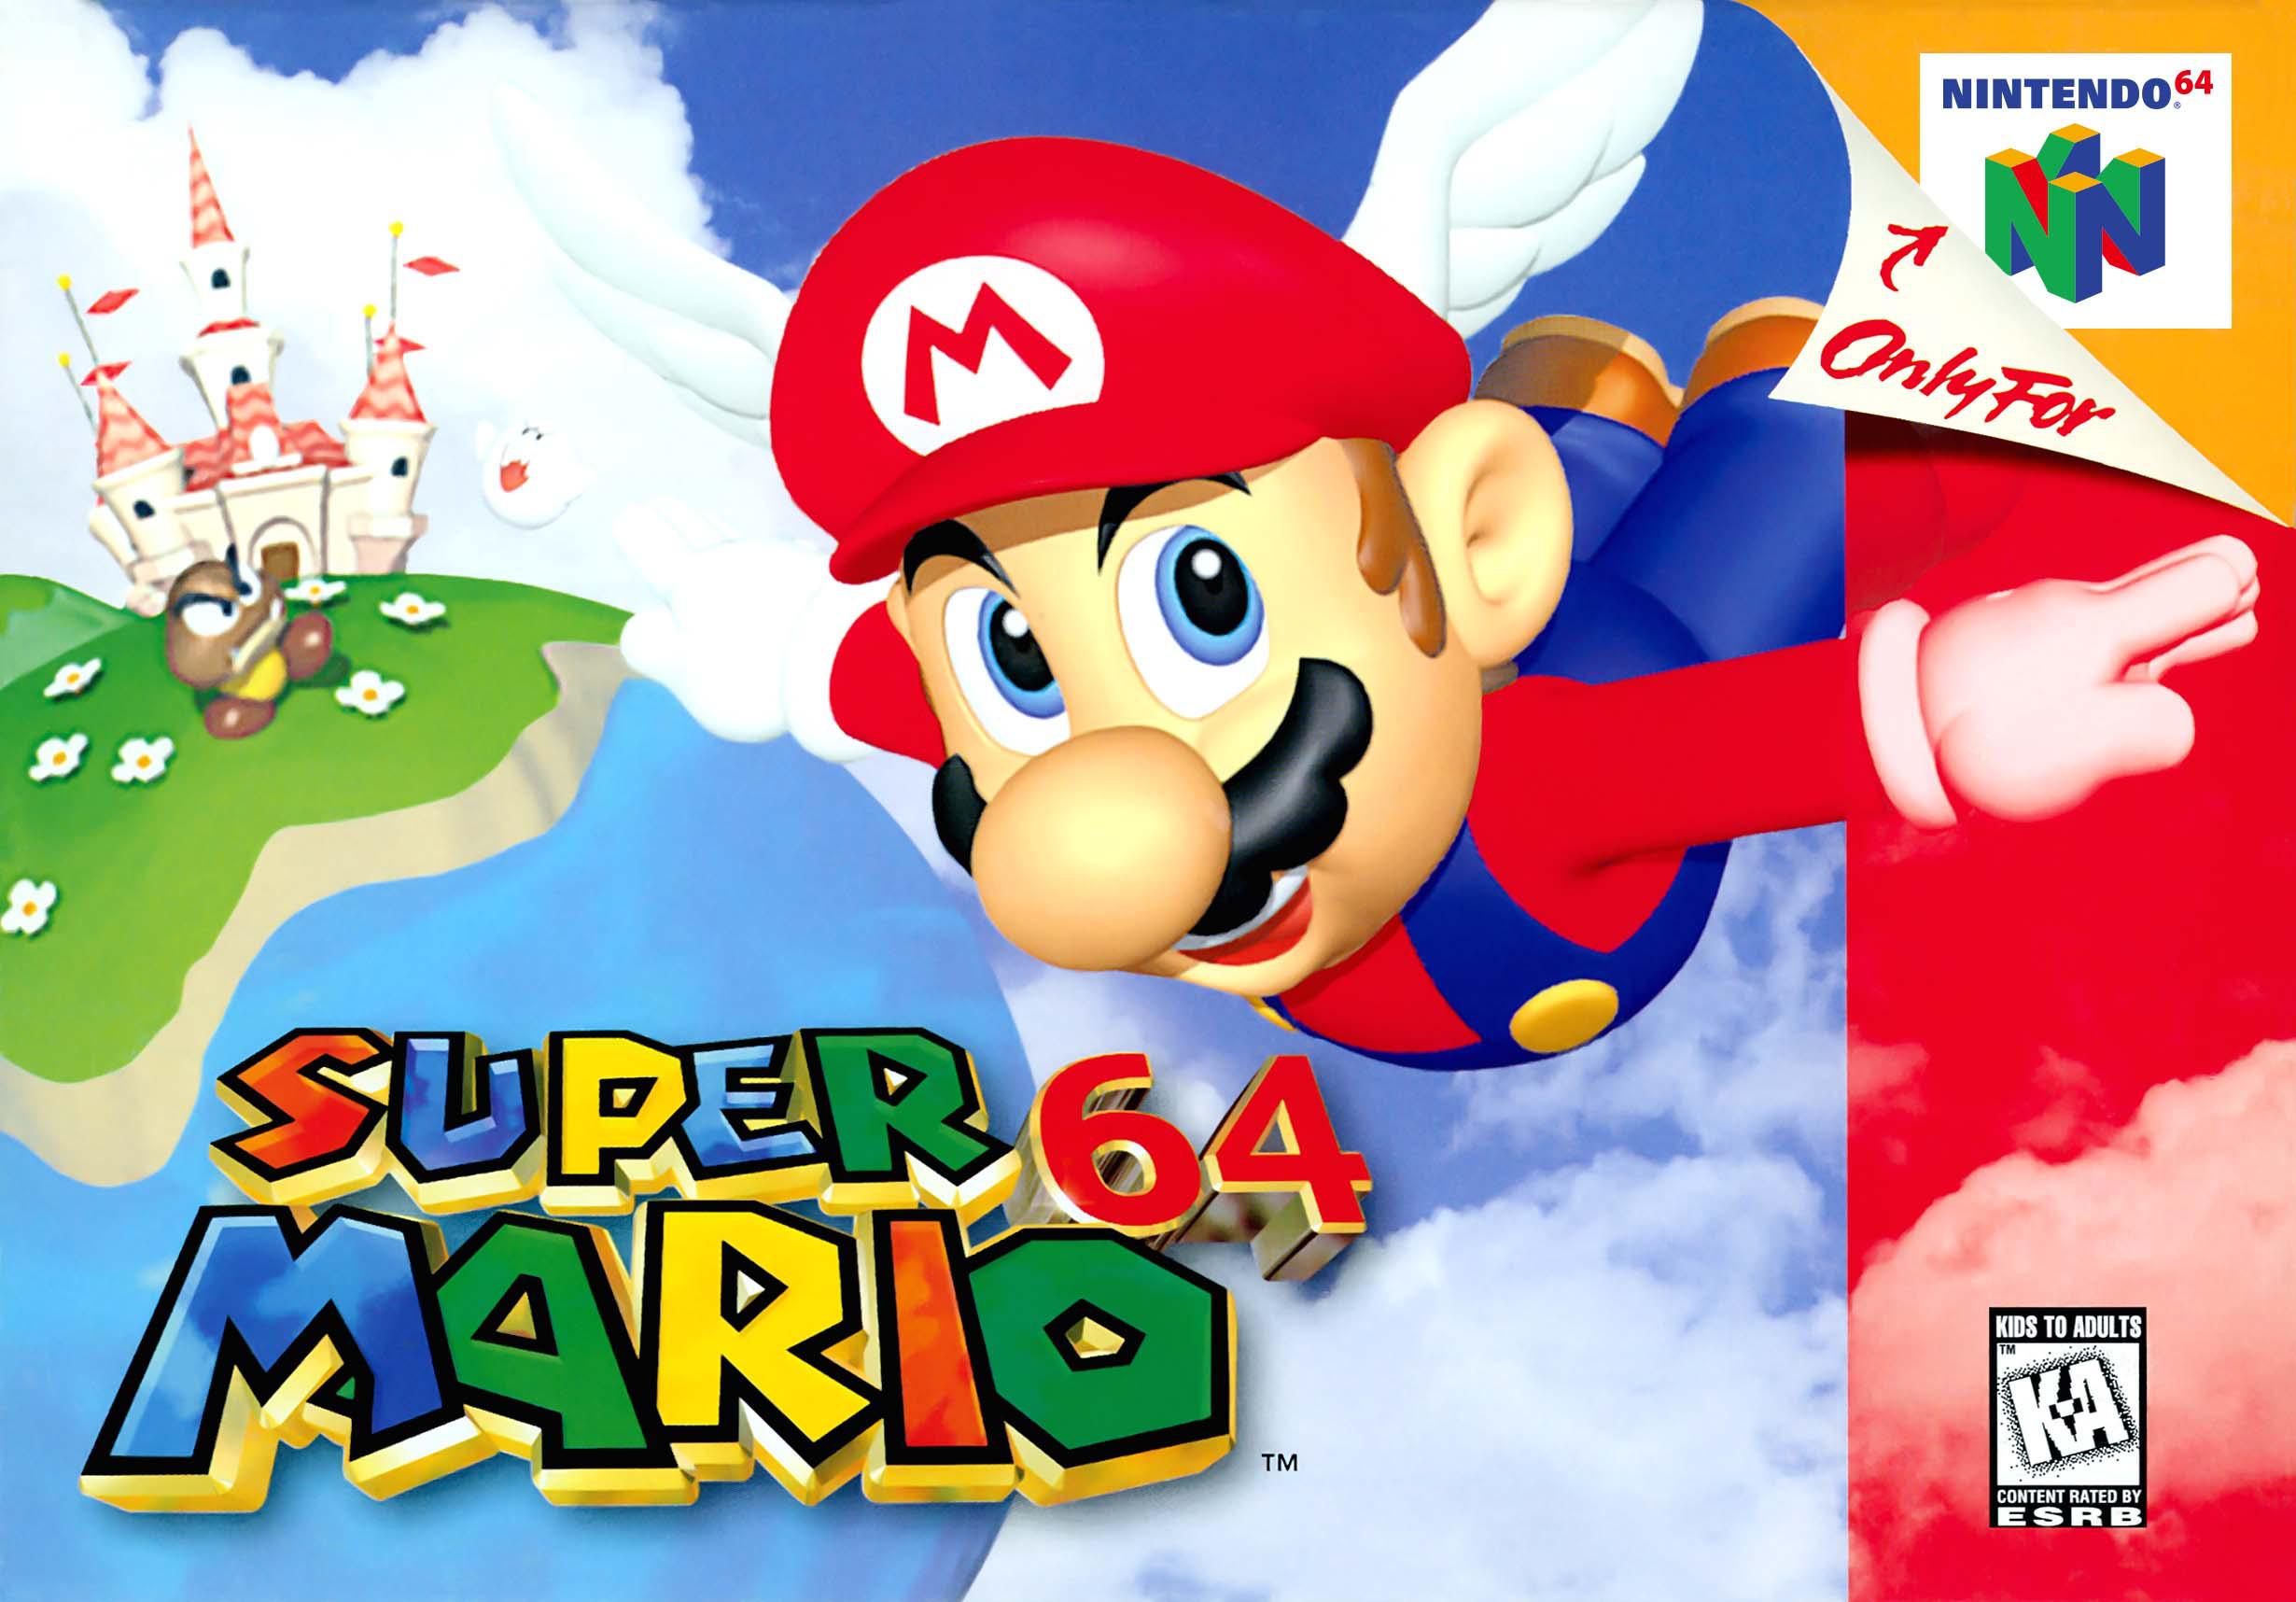 Super Mario 64 Mariowiki Fandom